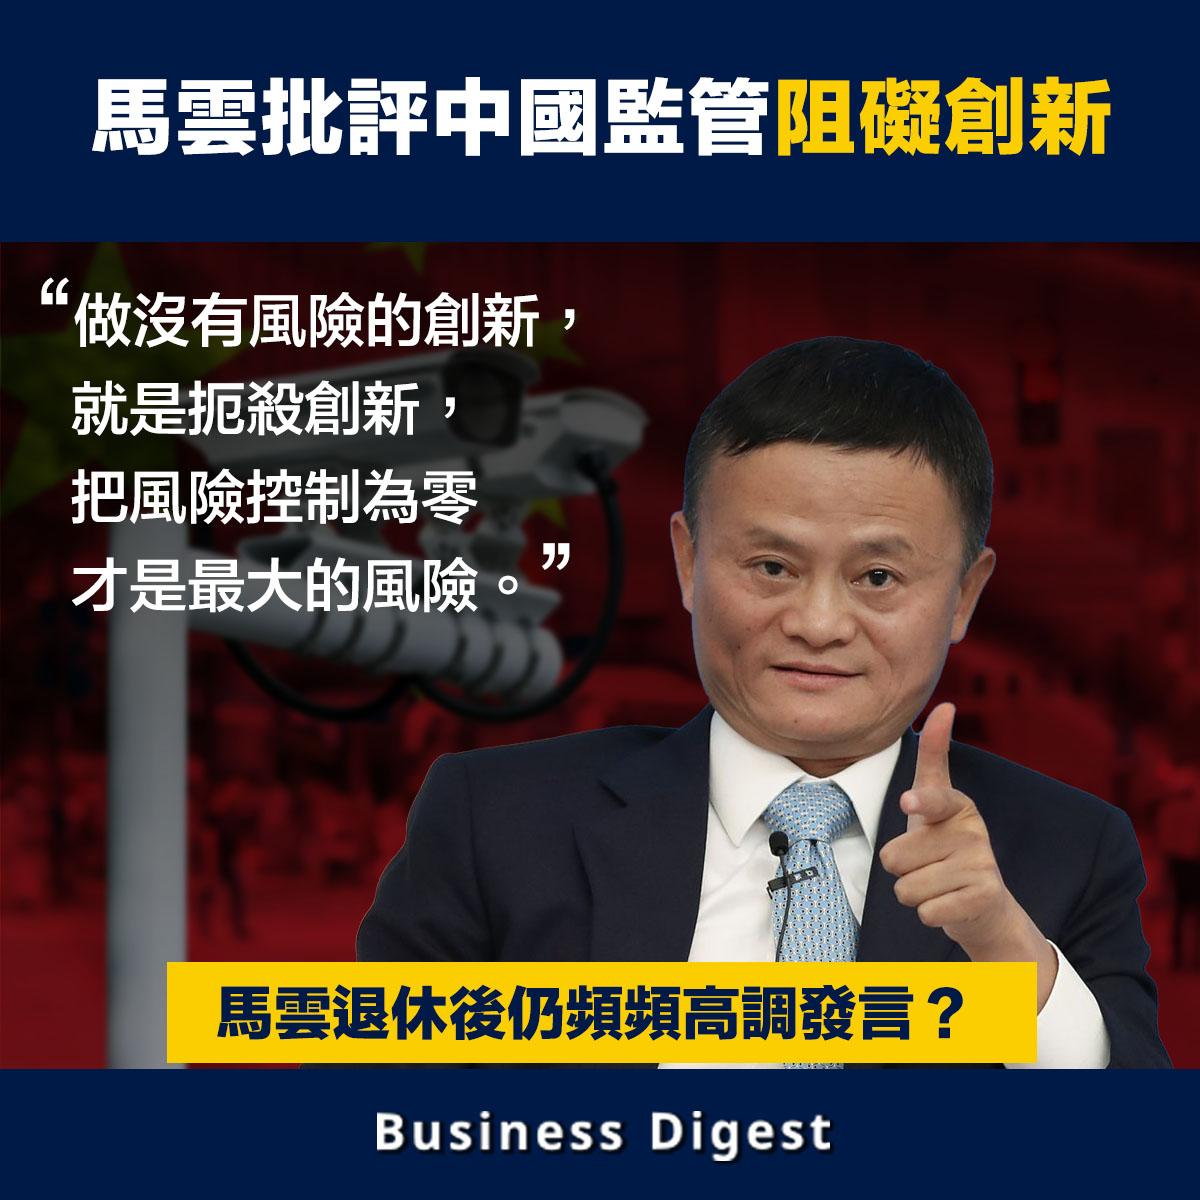 馬雲發表言論直接批評中國監管問題,「但是我們現在管的能力很強,監的能力不夠,好的創新不怕監管,但是怕昨天的方式去監管。」